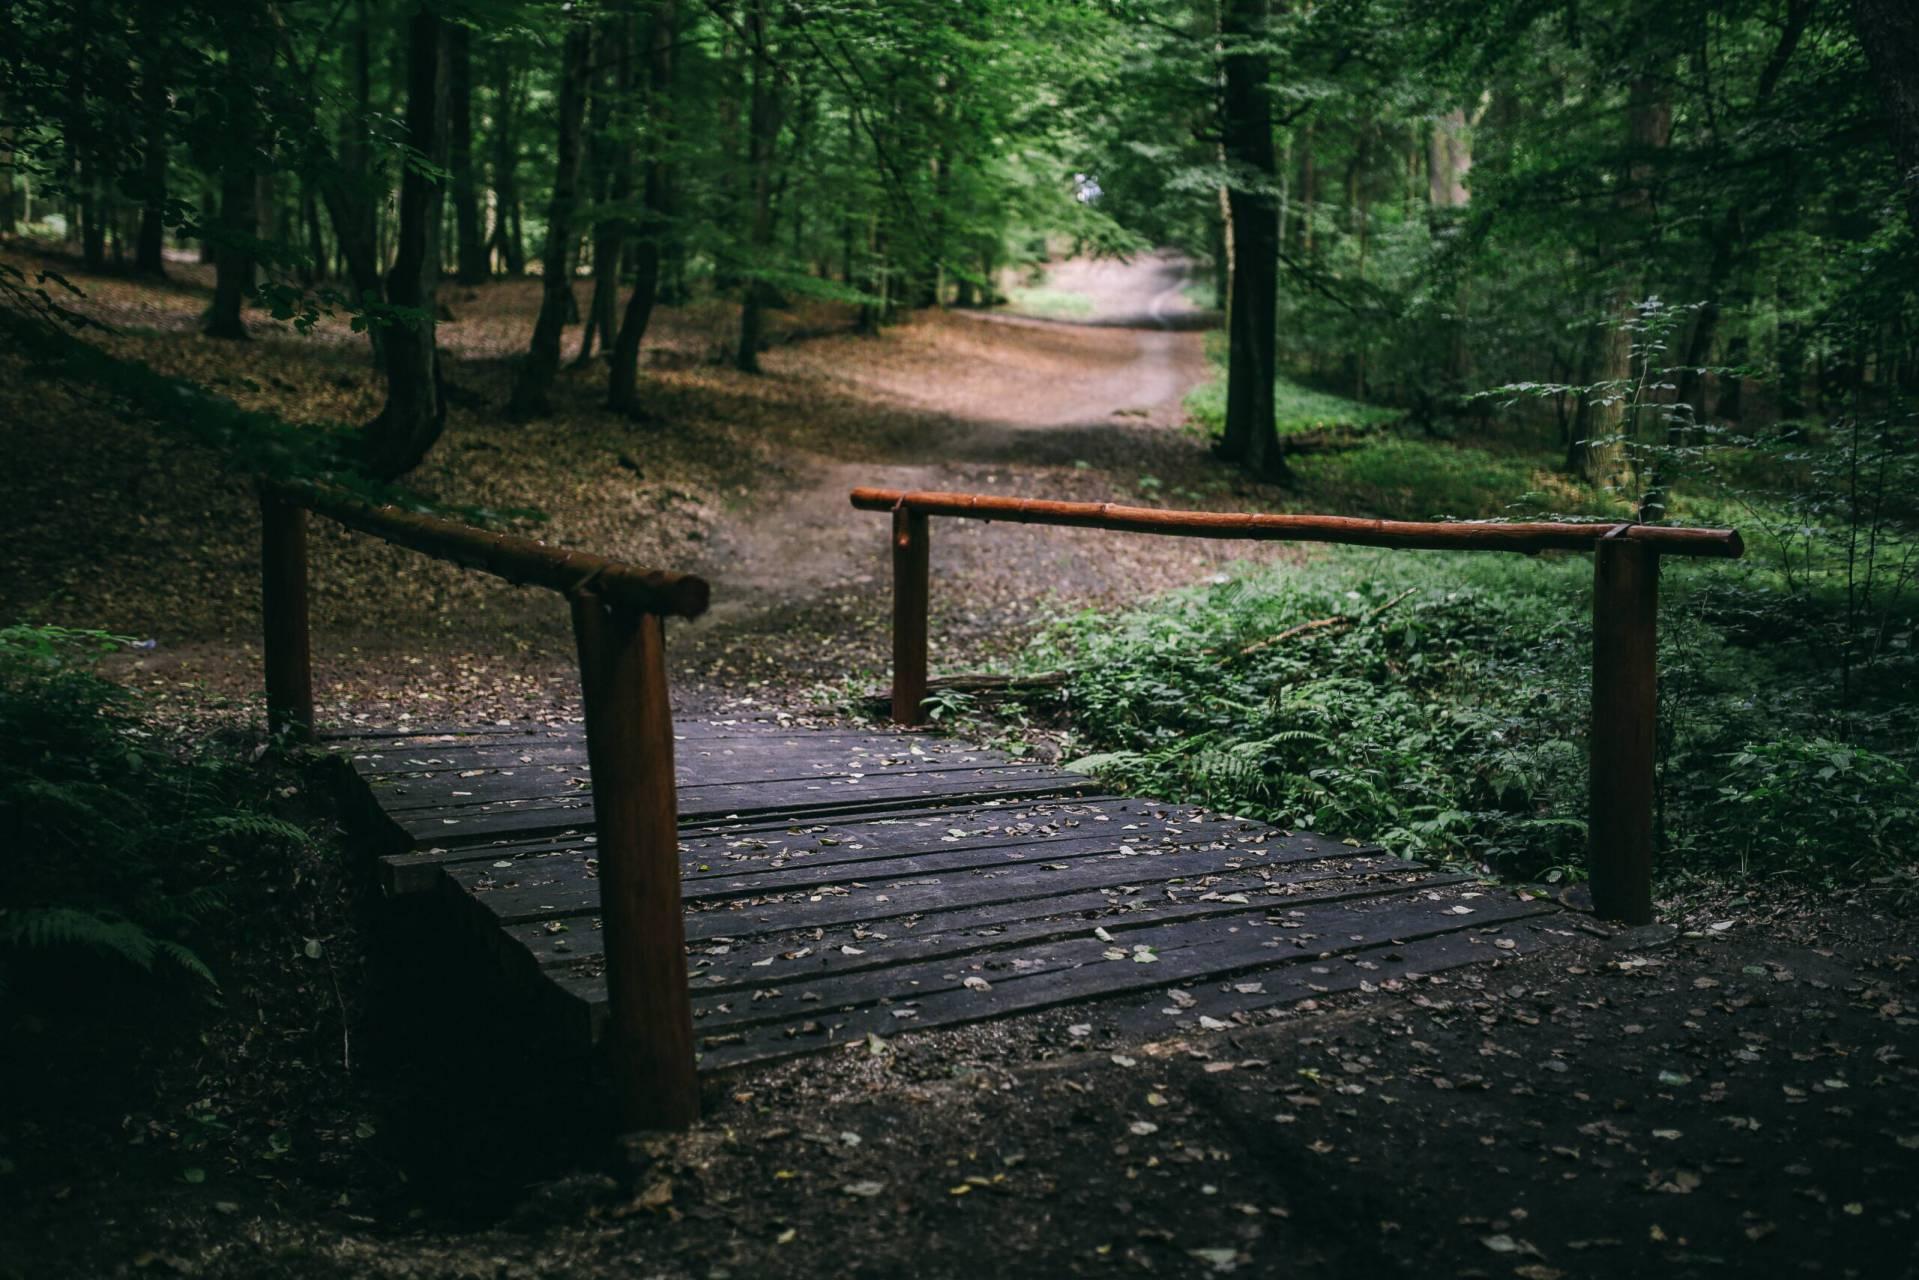 träbro över en å i skogen